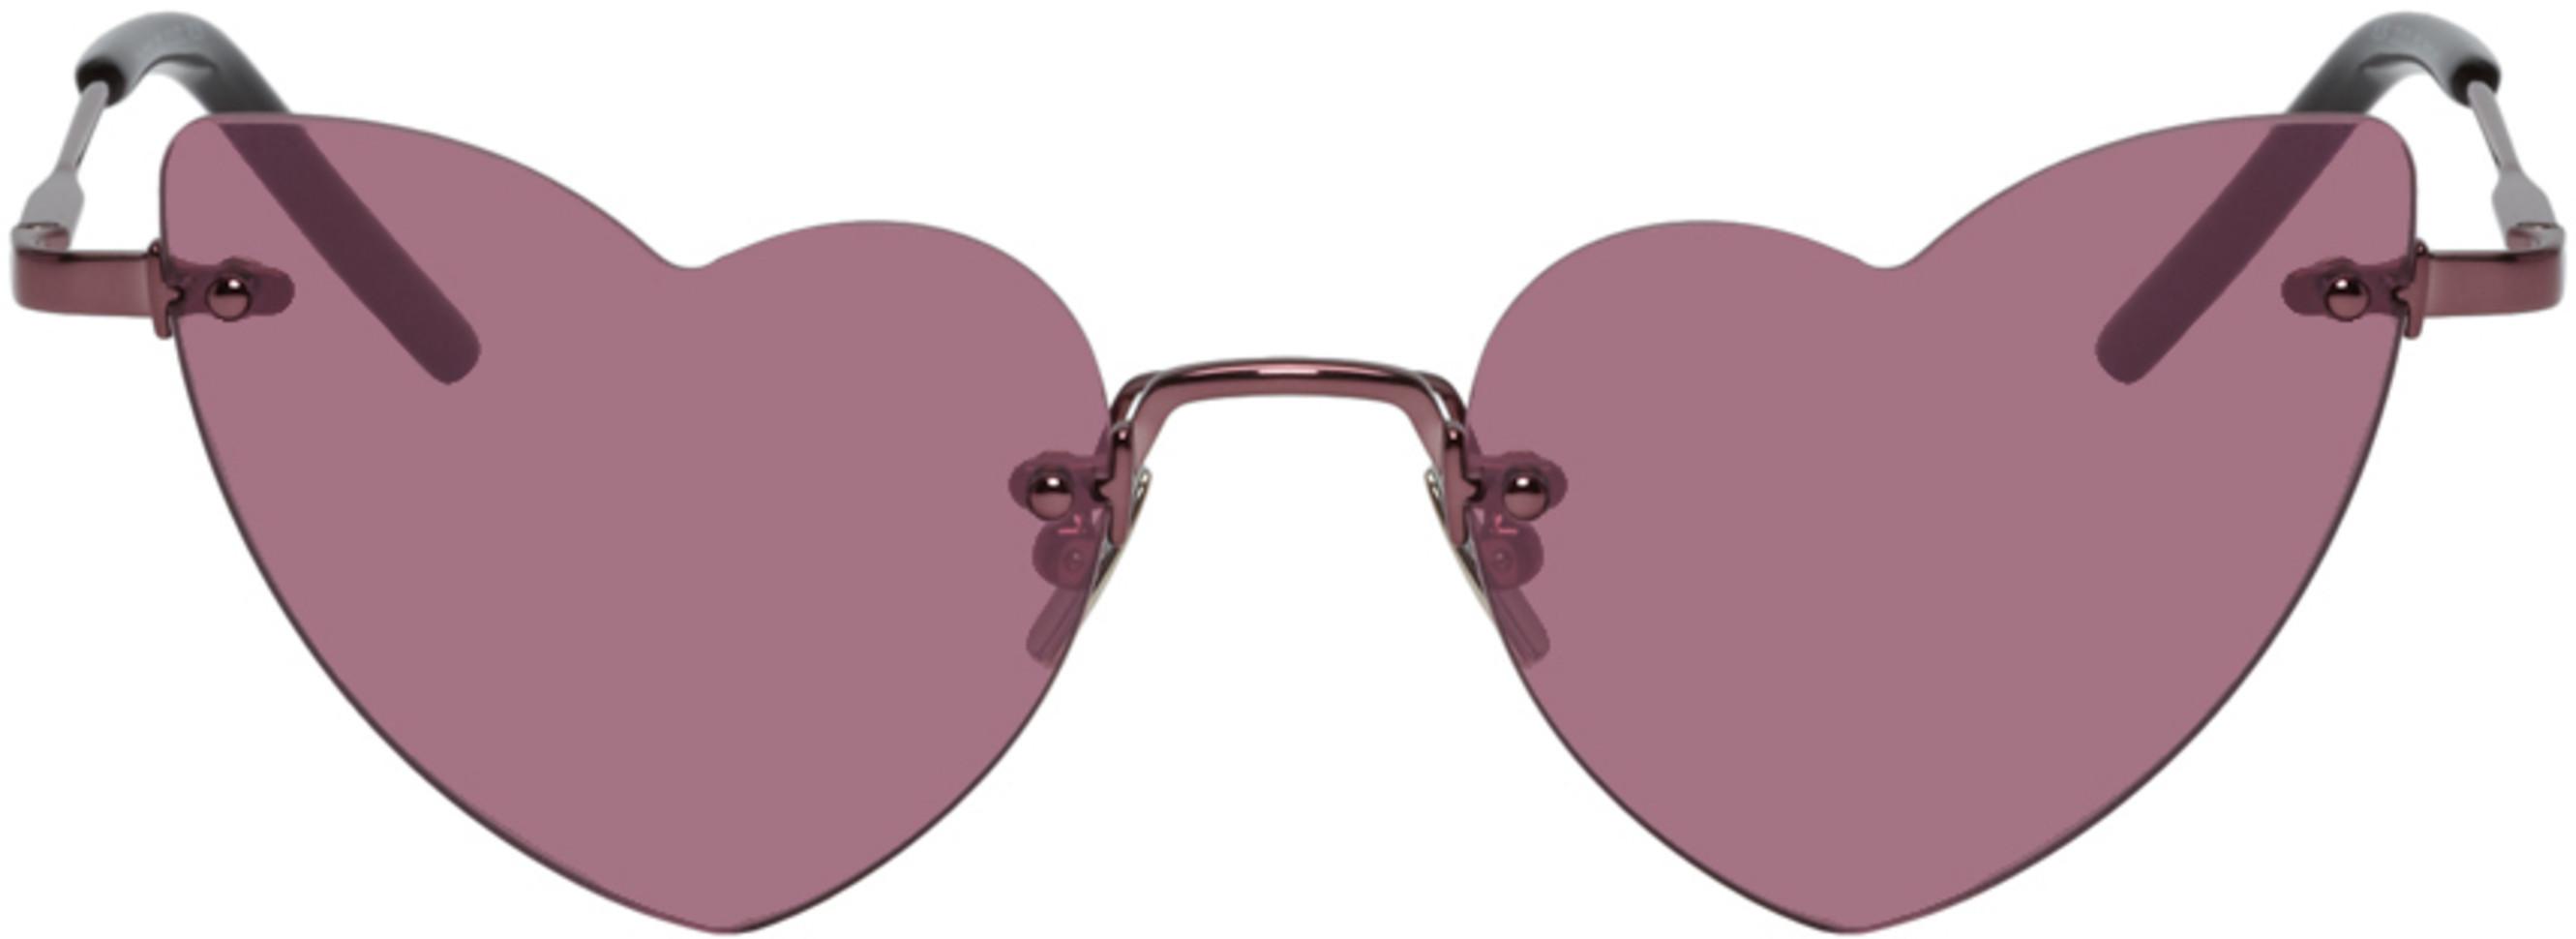 a16d3a249202 Saint Laurent sunglasses for Women   SSENSE